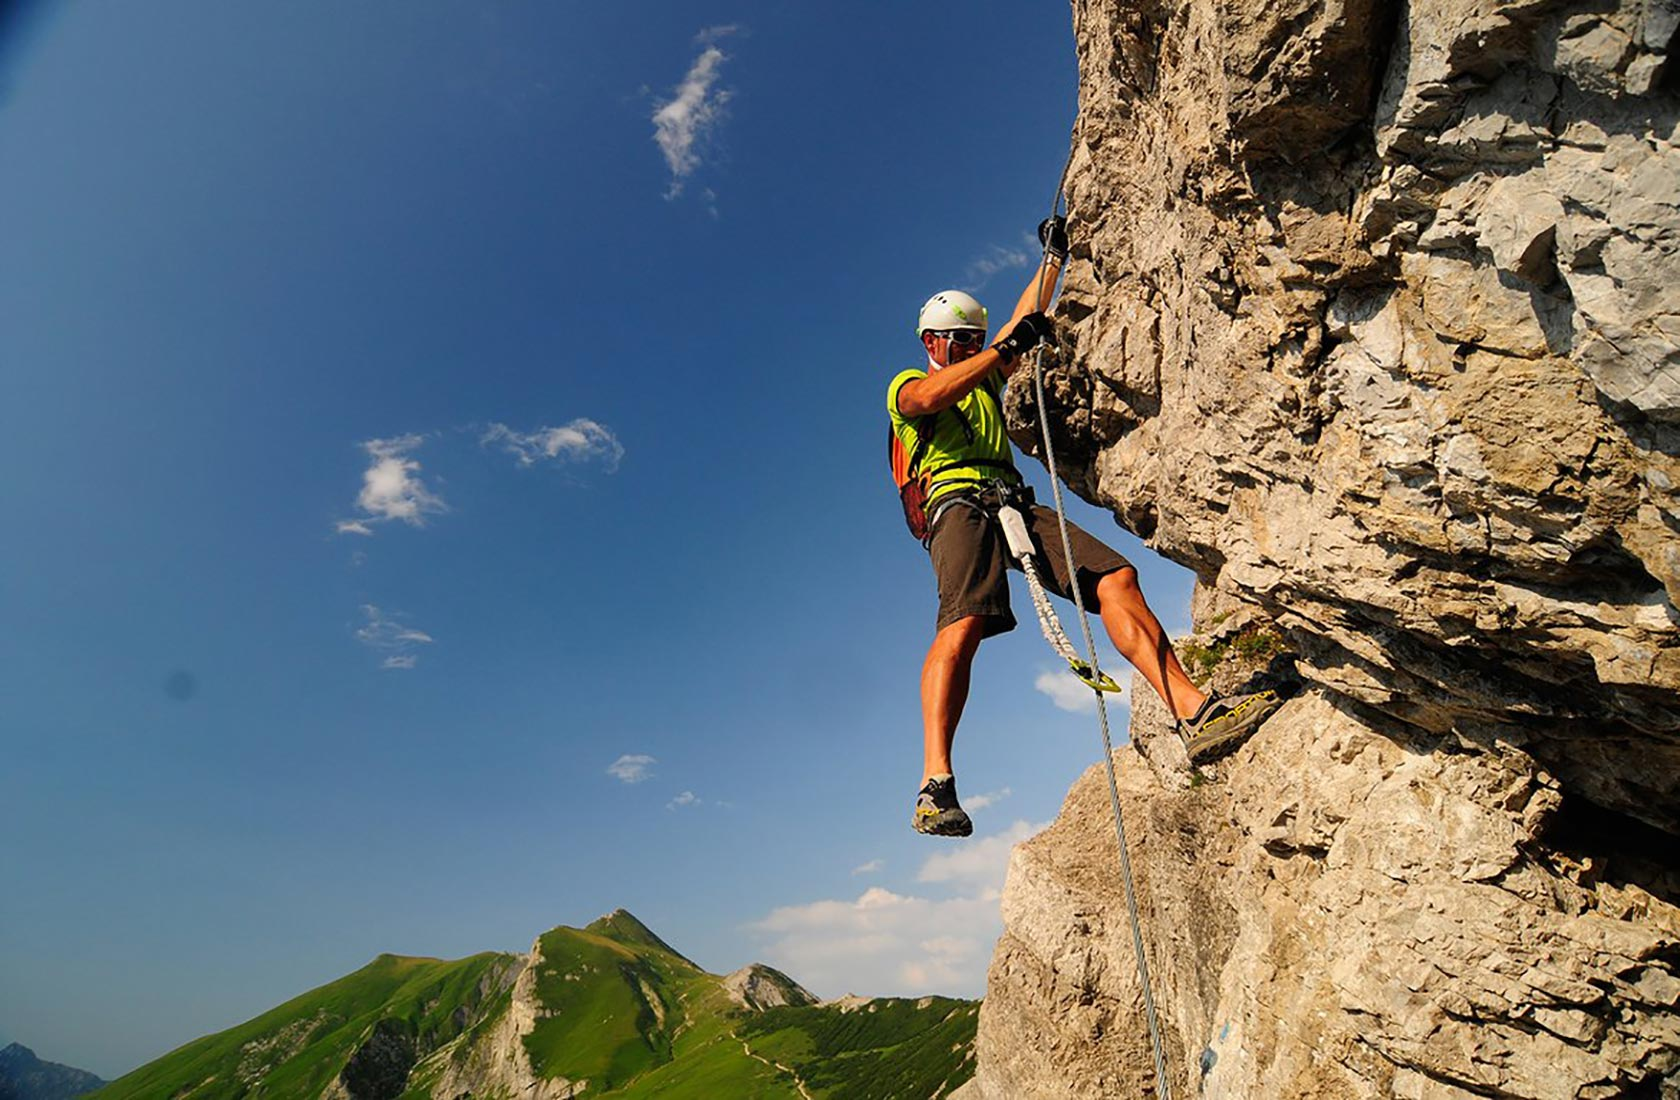 Klettersteige in den Bergen des Tannheimer Tals